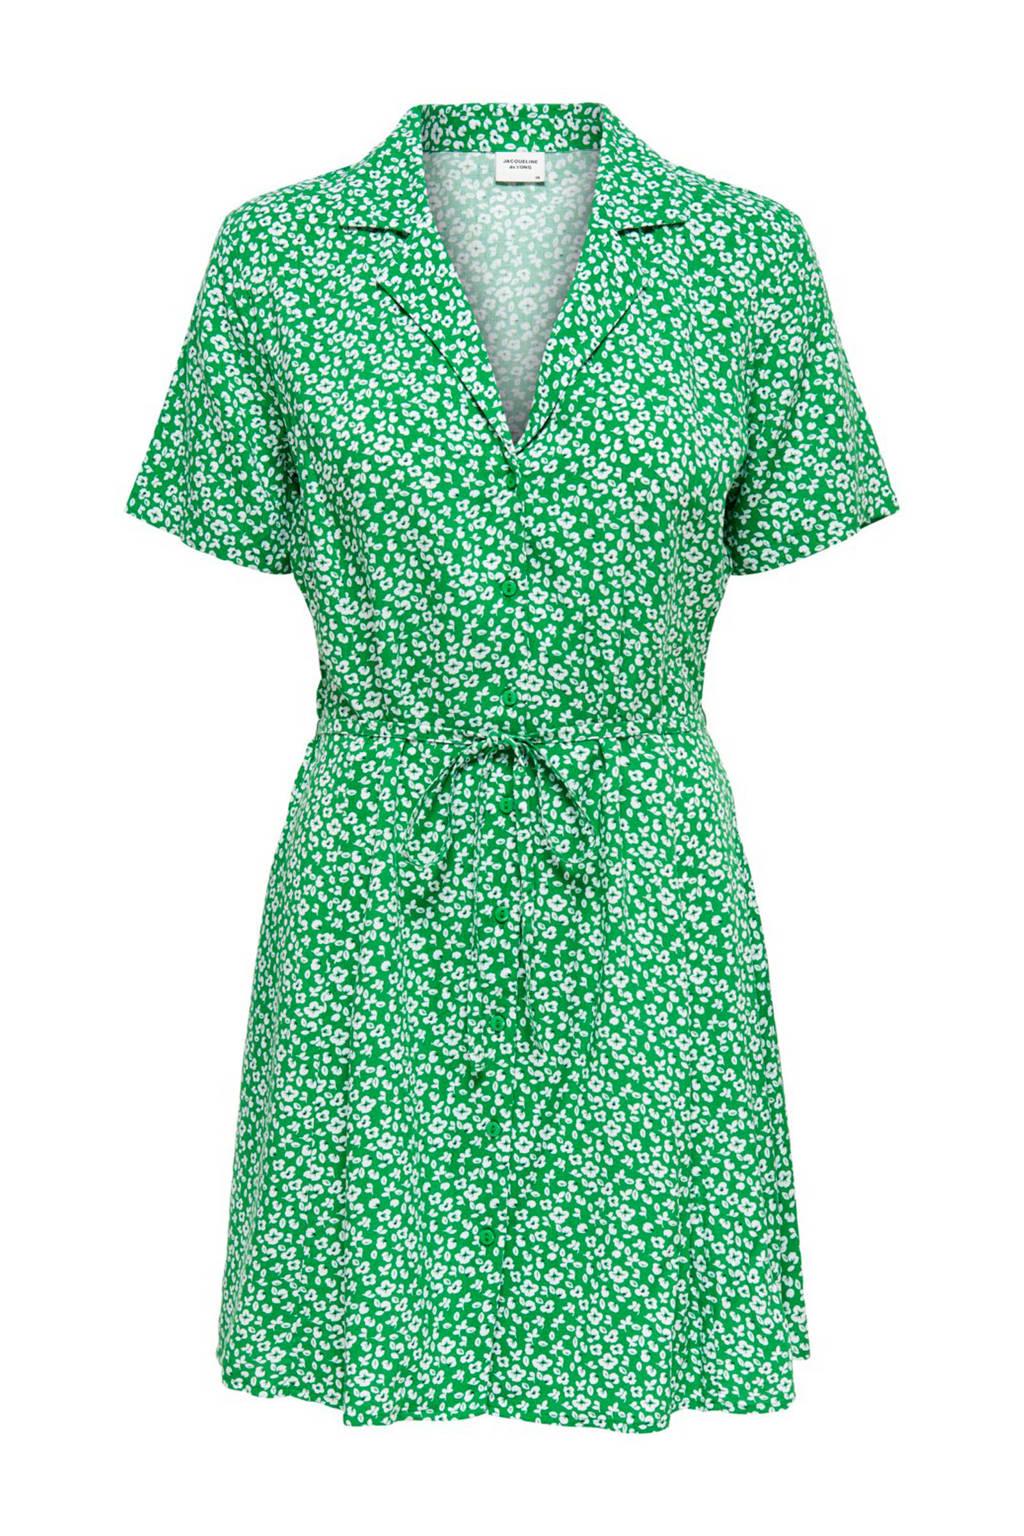 JACQUELINE DE YONG gebloemde jurk groen, Groen/wit